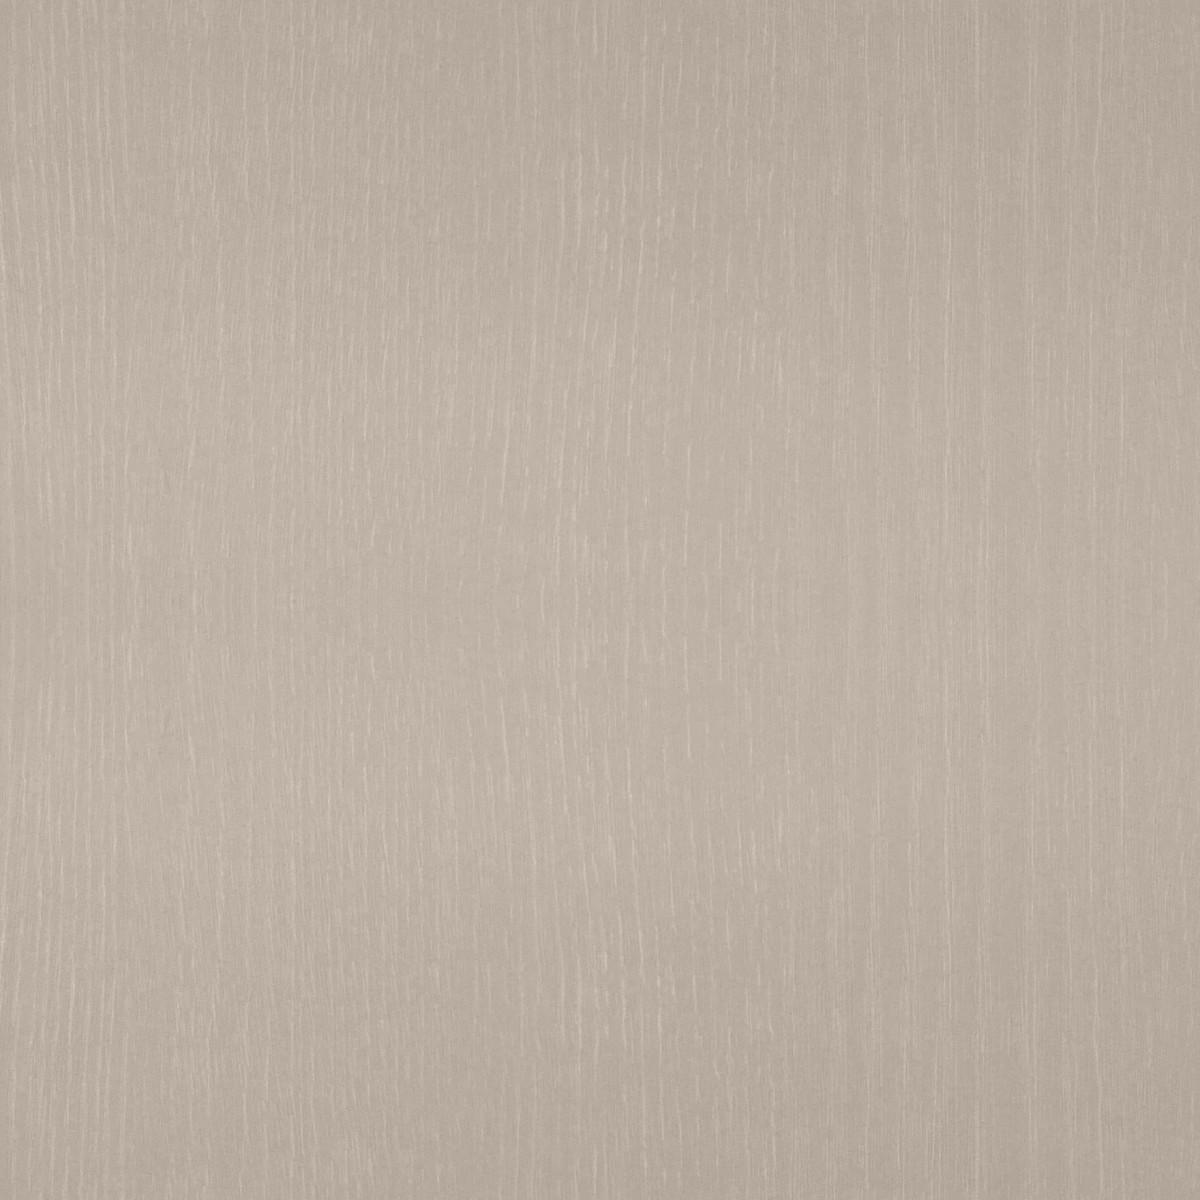 Дверь Межкомнатная Глухая Трилло 70x200 Hardflex Цвет Ясень